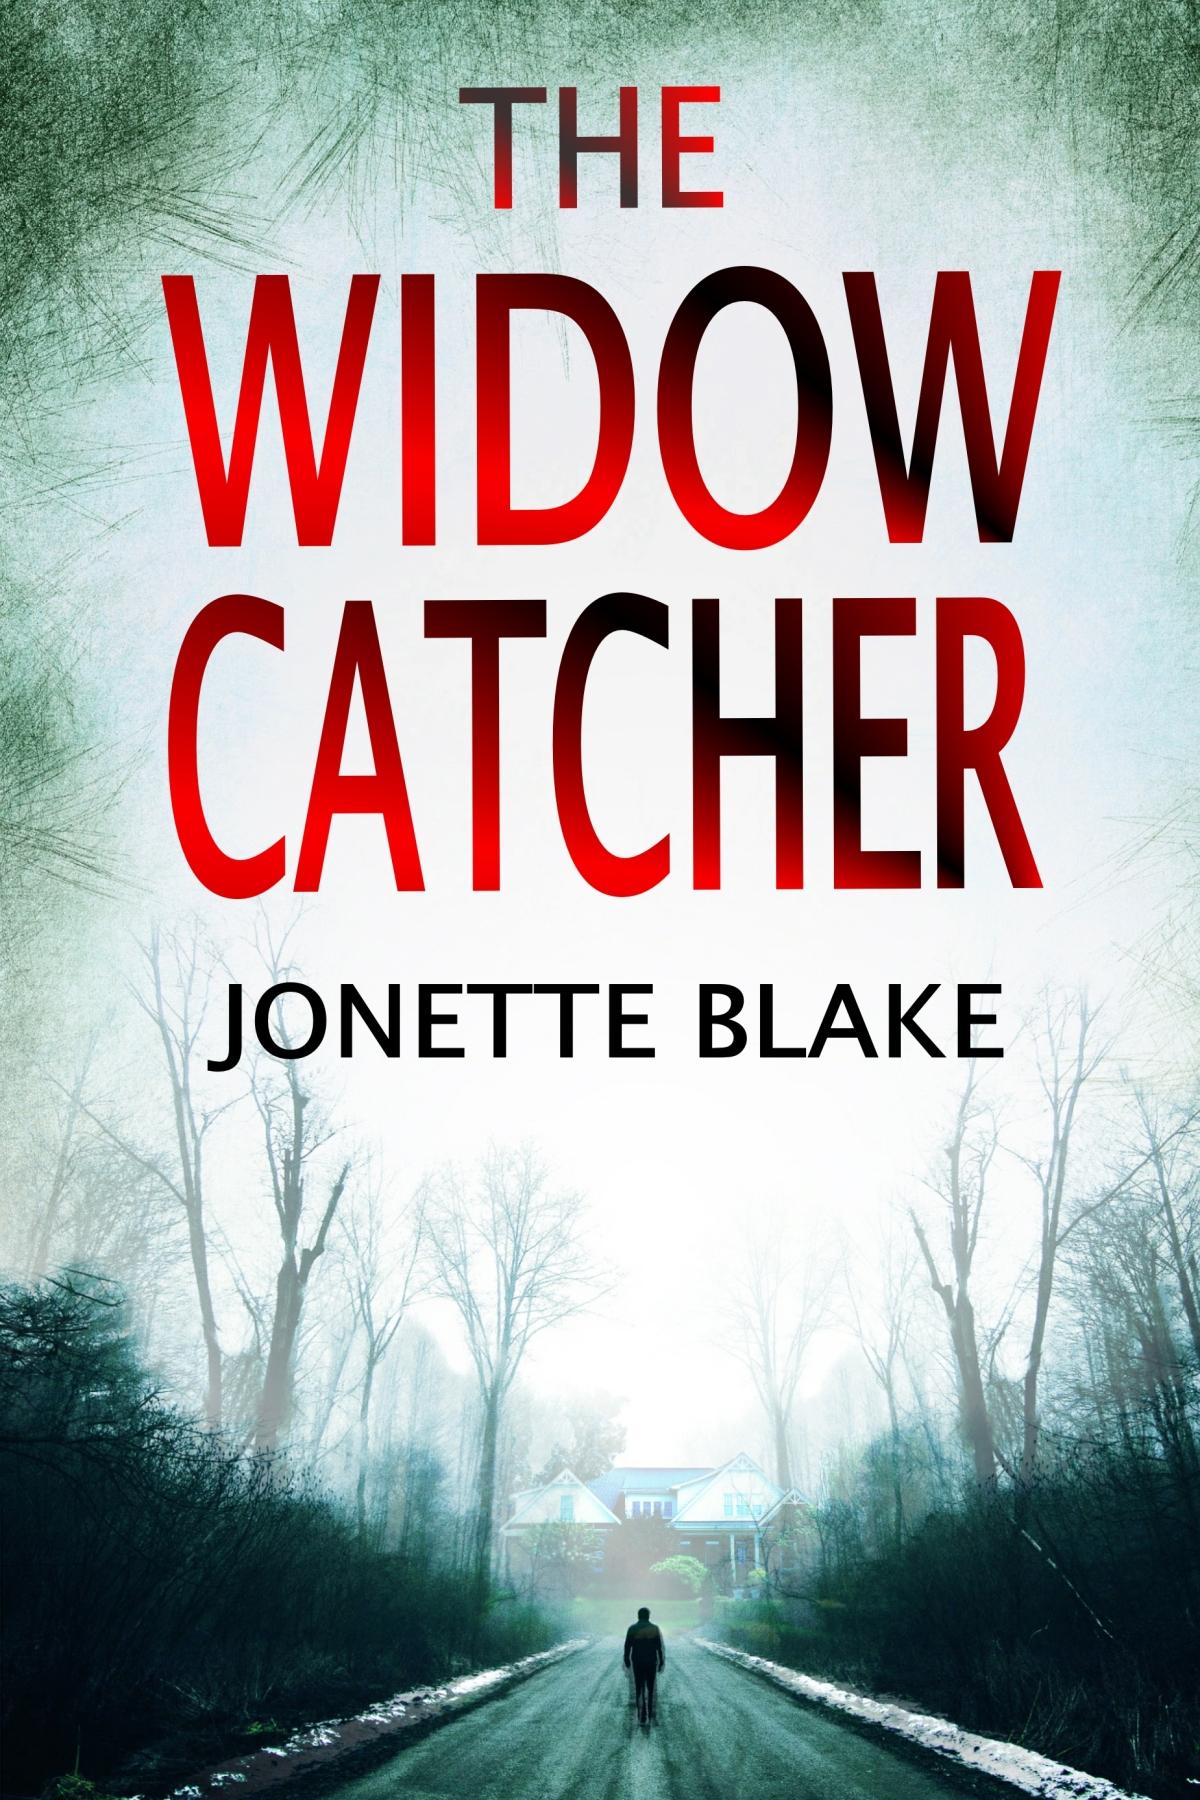 Guest Post: Jonette Blake – THE WIDOWCATCHER